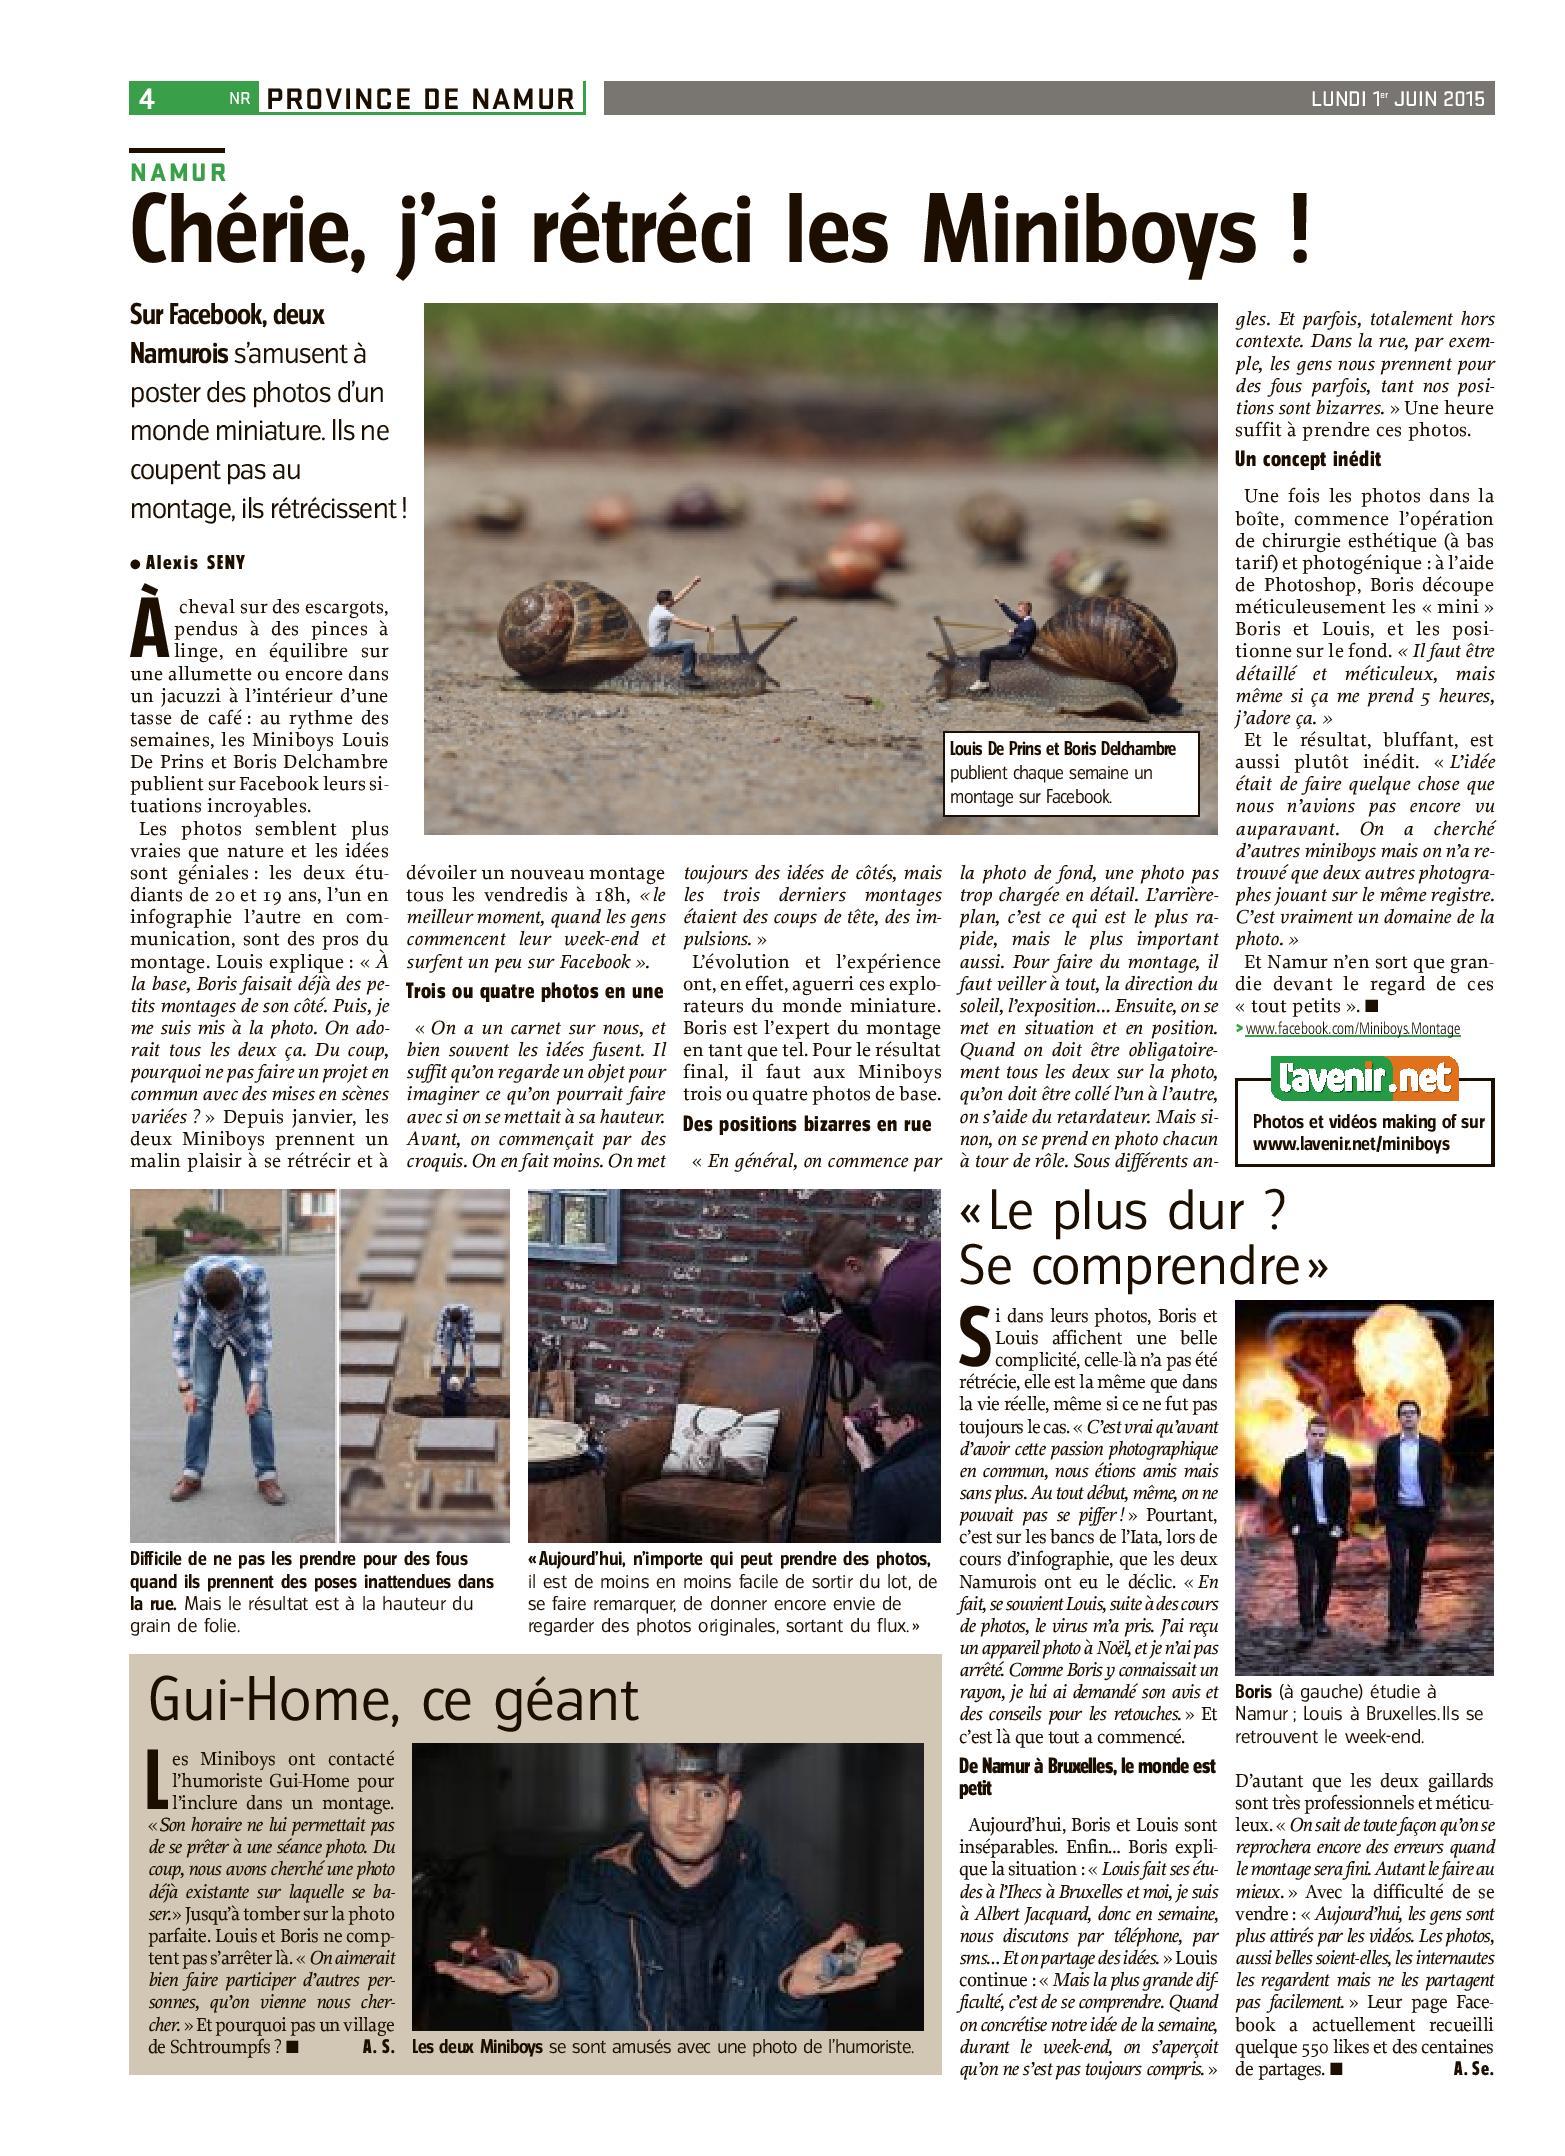 Les miniboys - Article L'Avenir